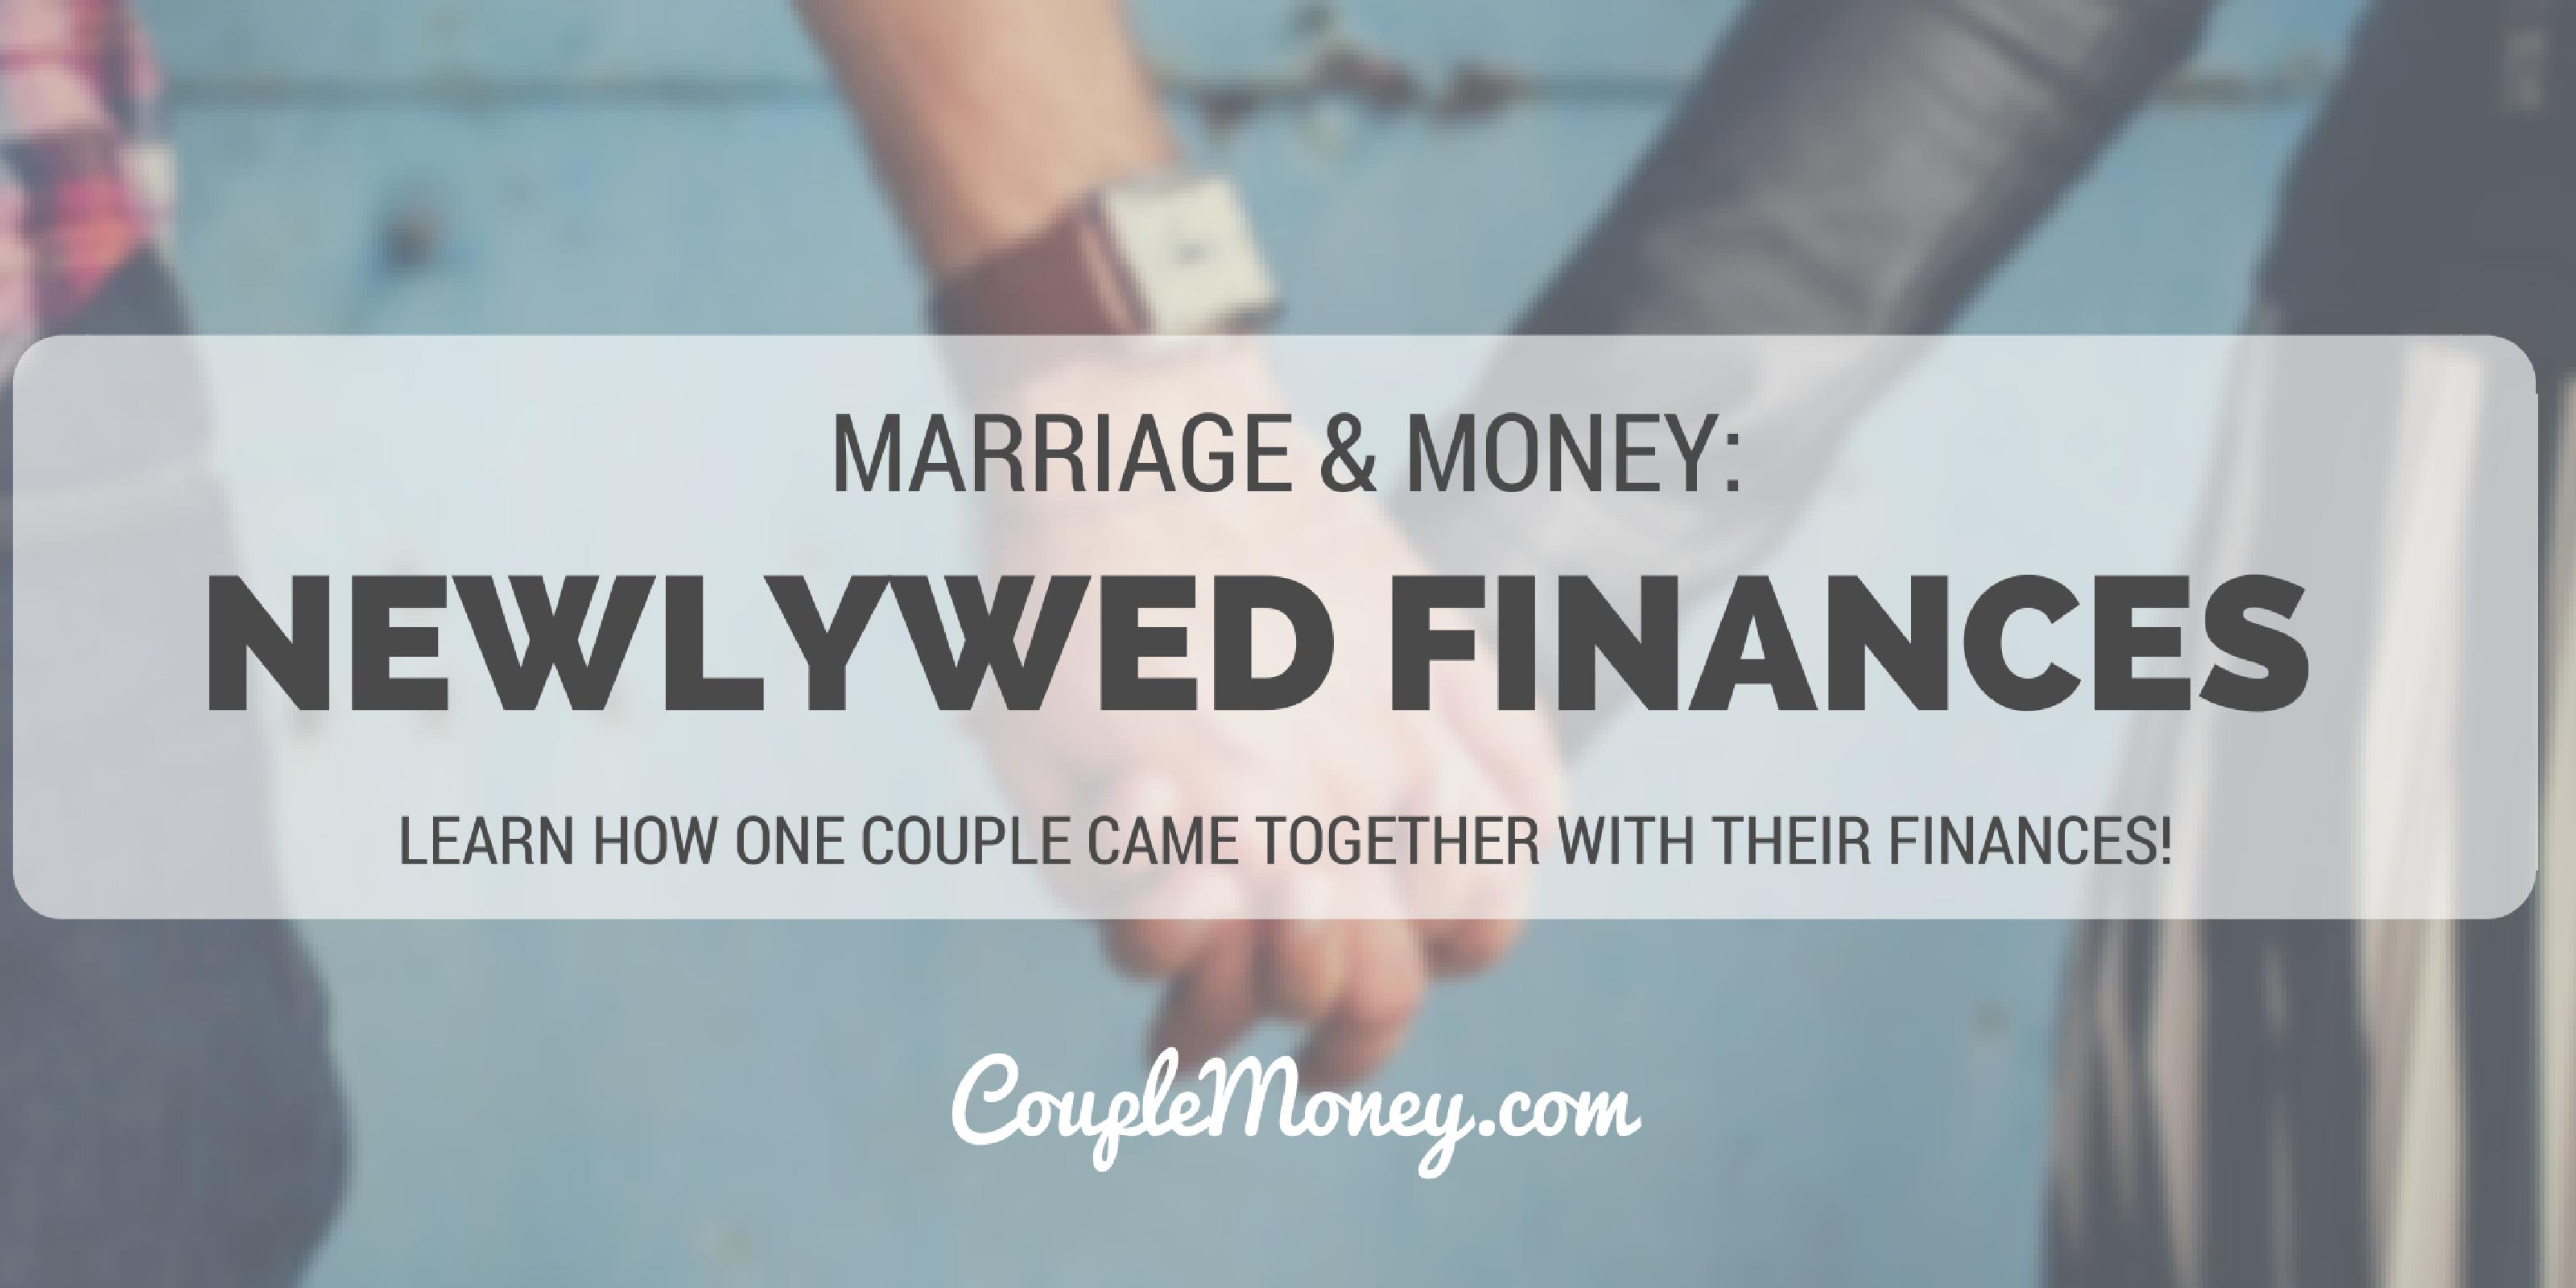 newlywed-finances-couple-money-podcast